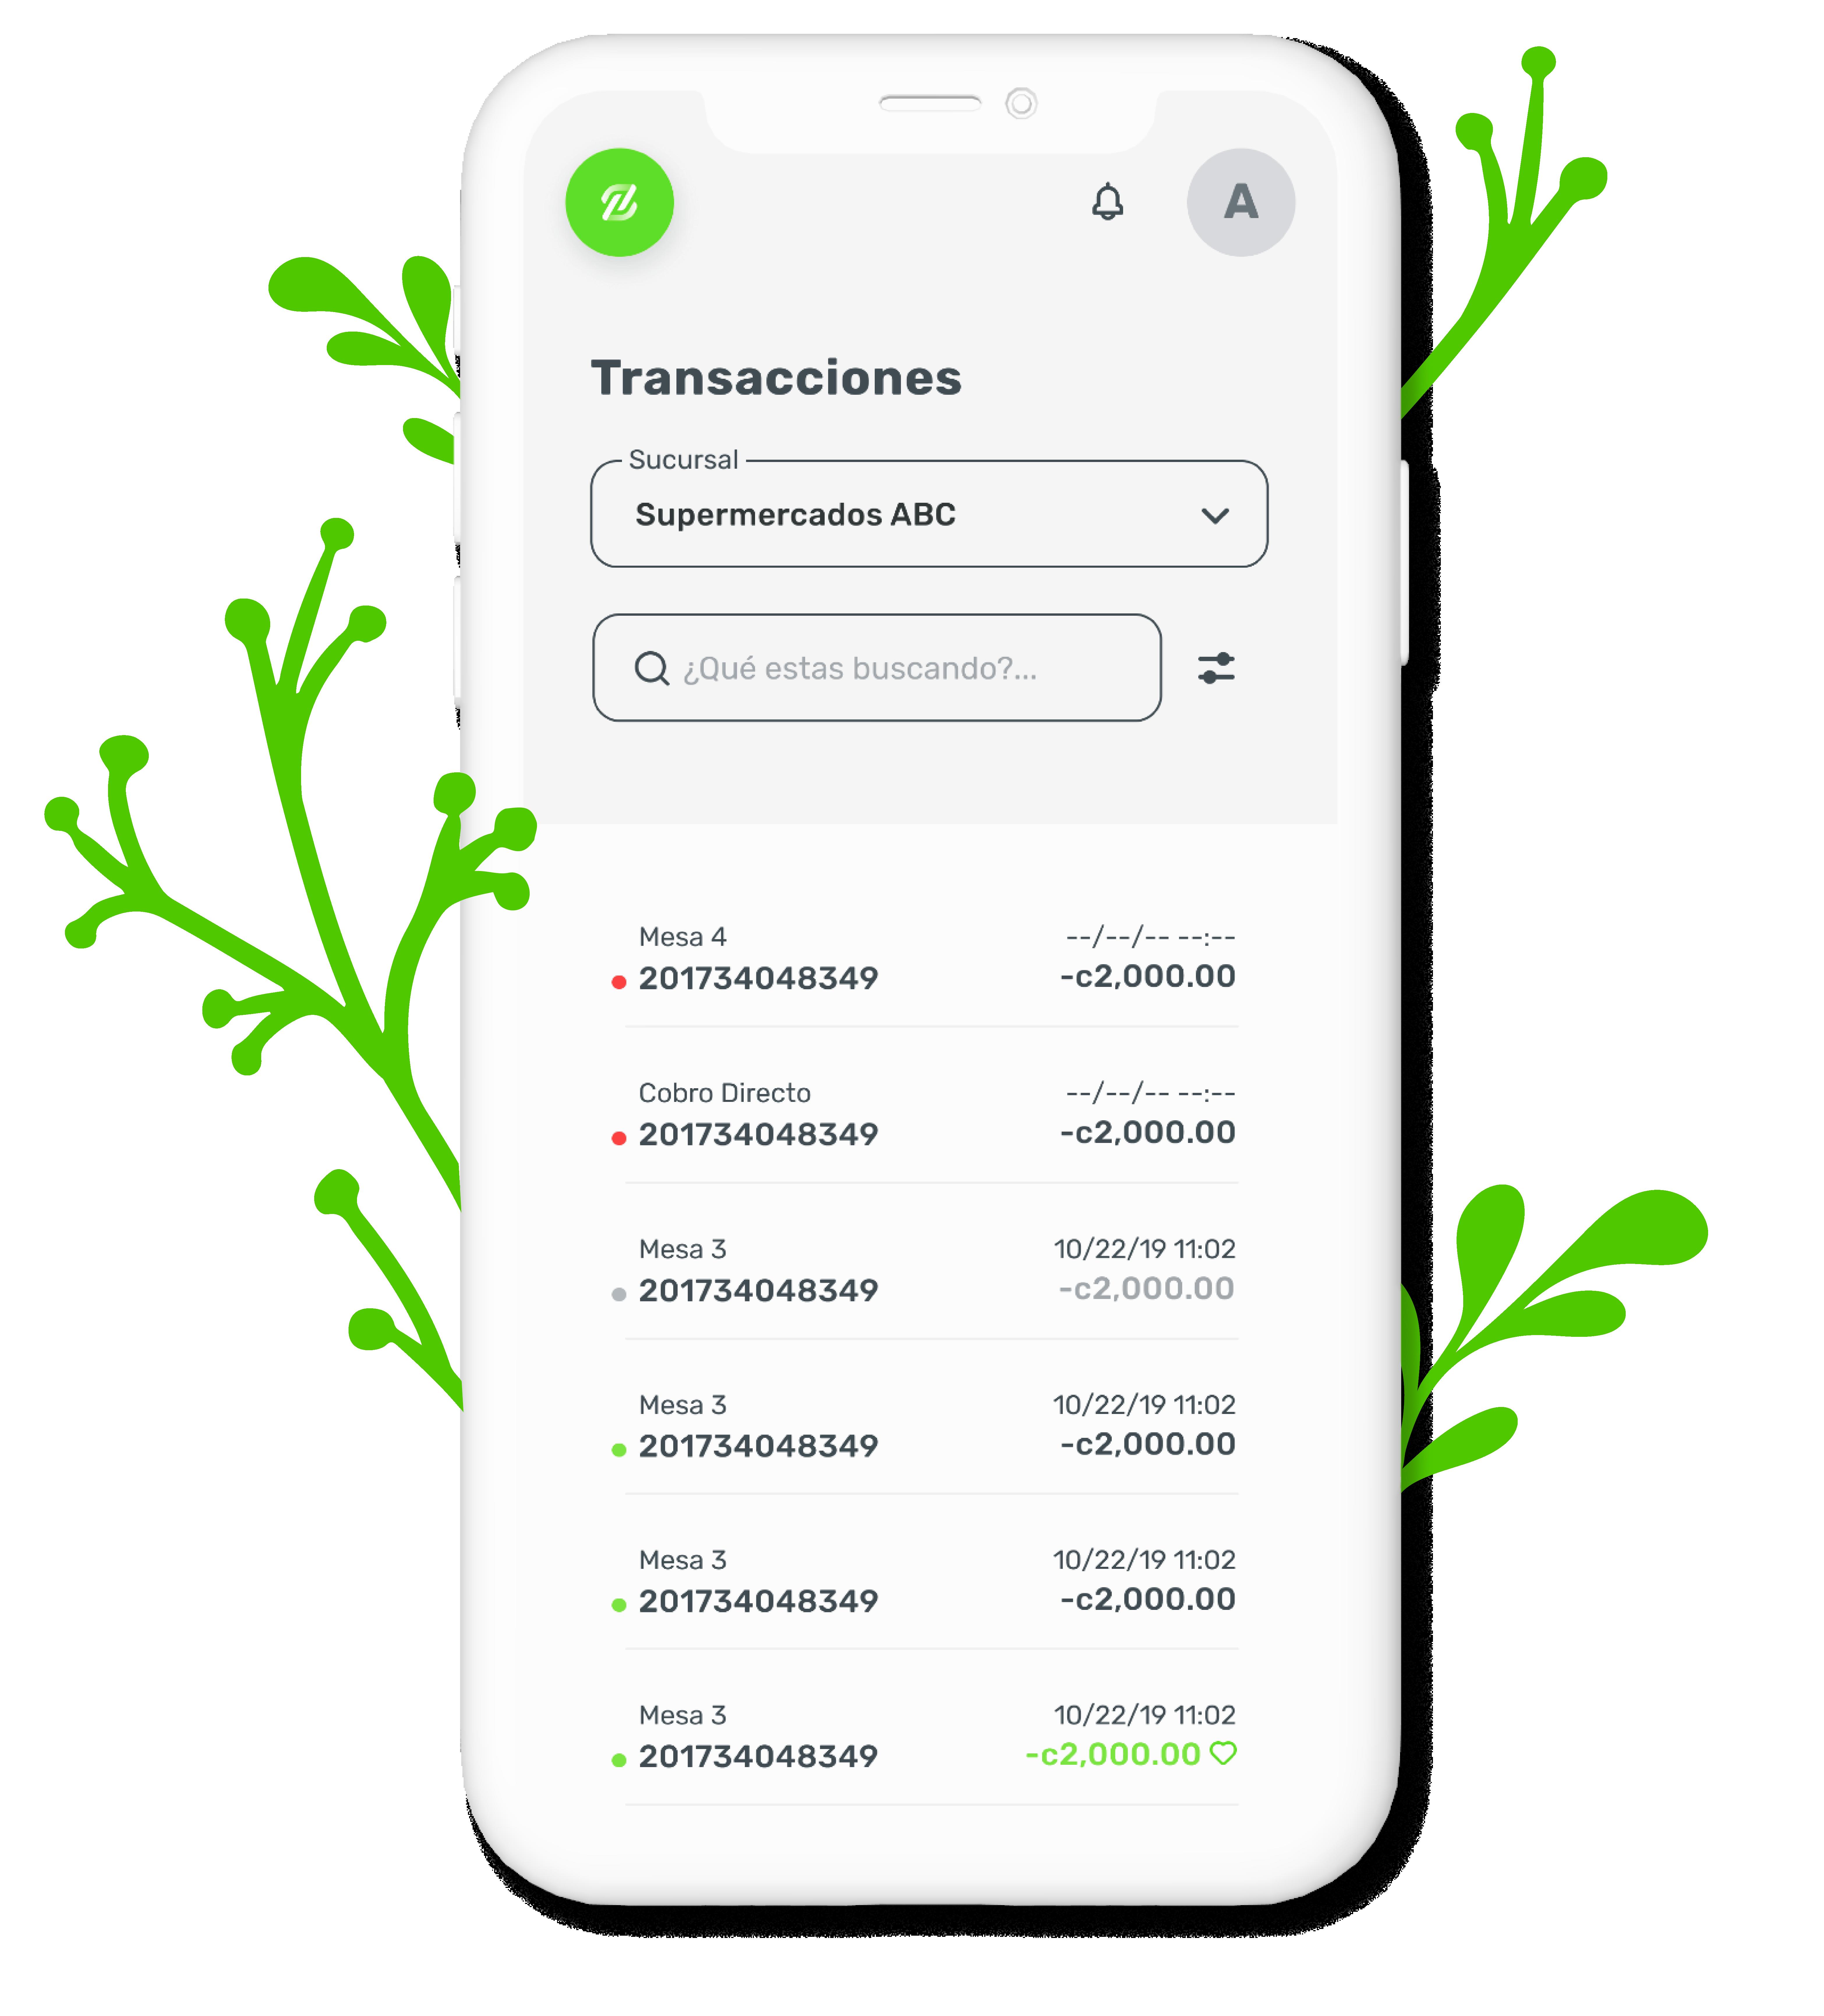 Imagen de una pantalla de nuestra aplicación, tiene hojas verdes para mostrar nuestro compromiso ambiental